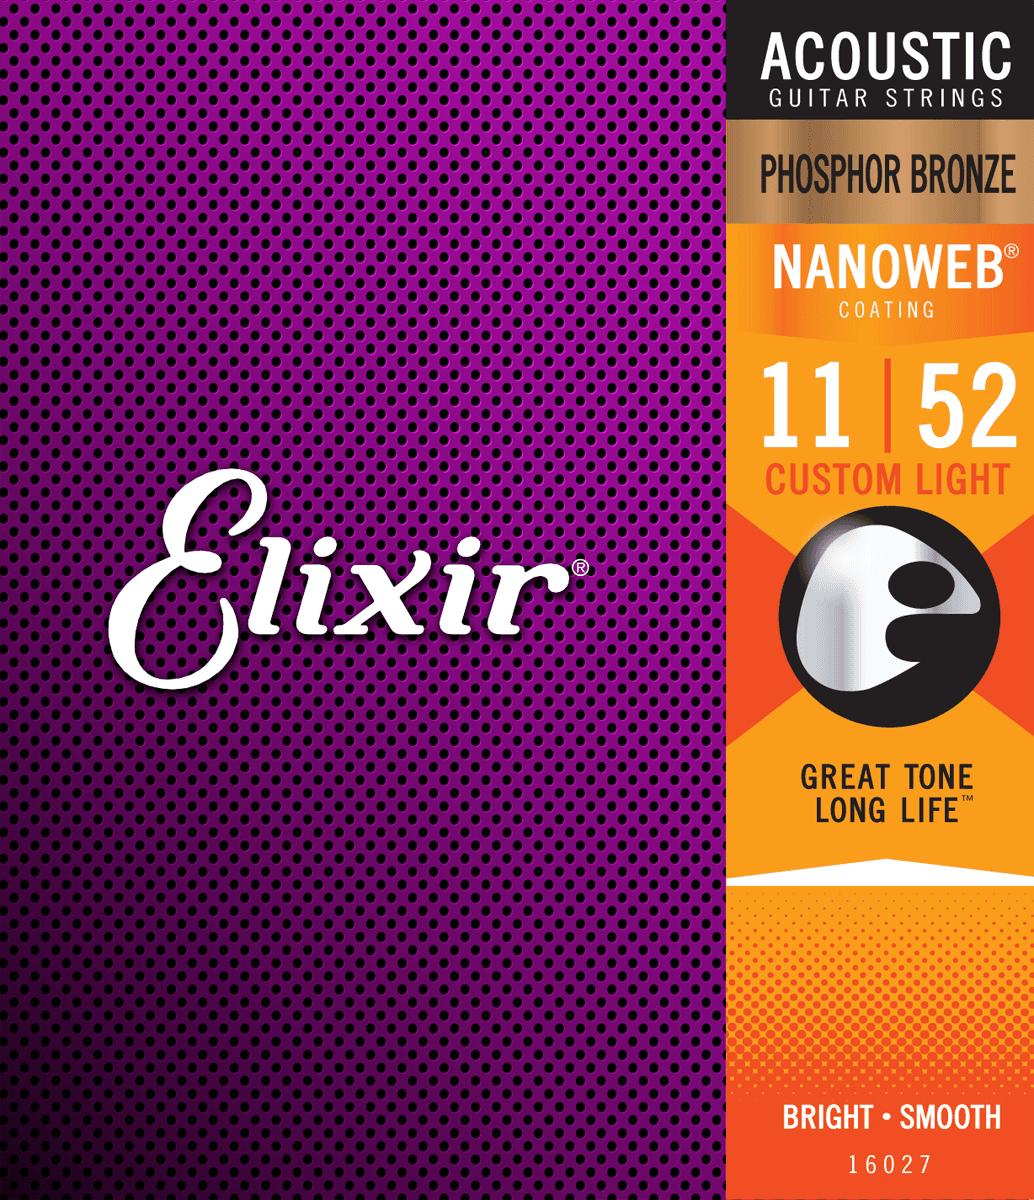 Elixir Nanoweb Phosphor Bronze Custom Light 11-52